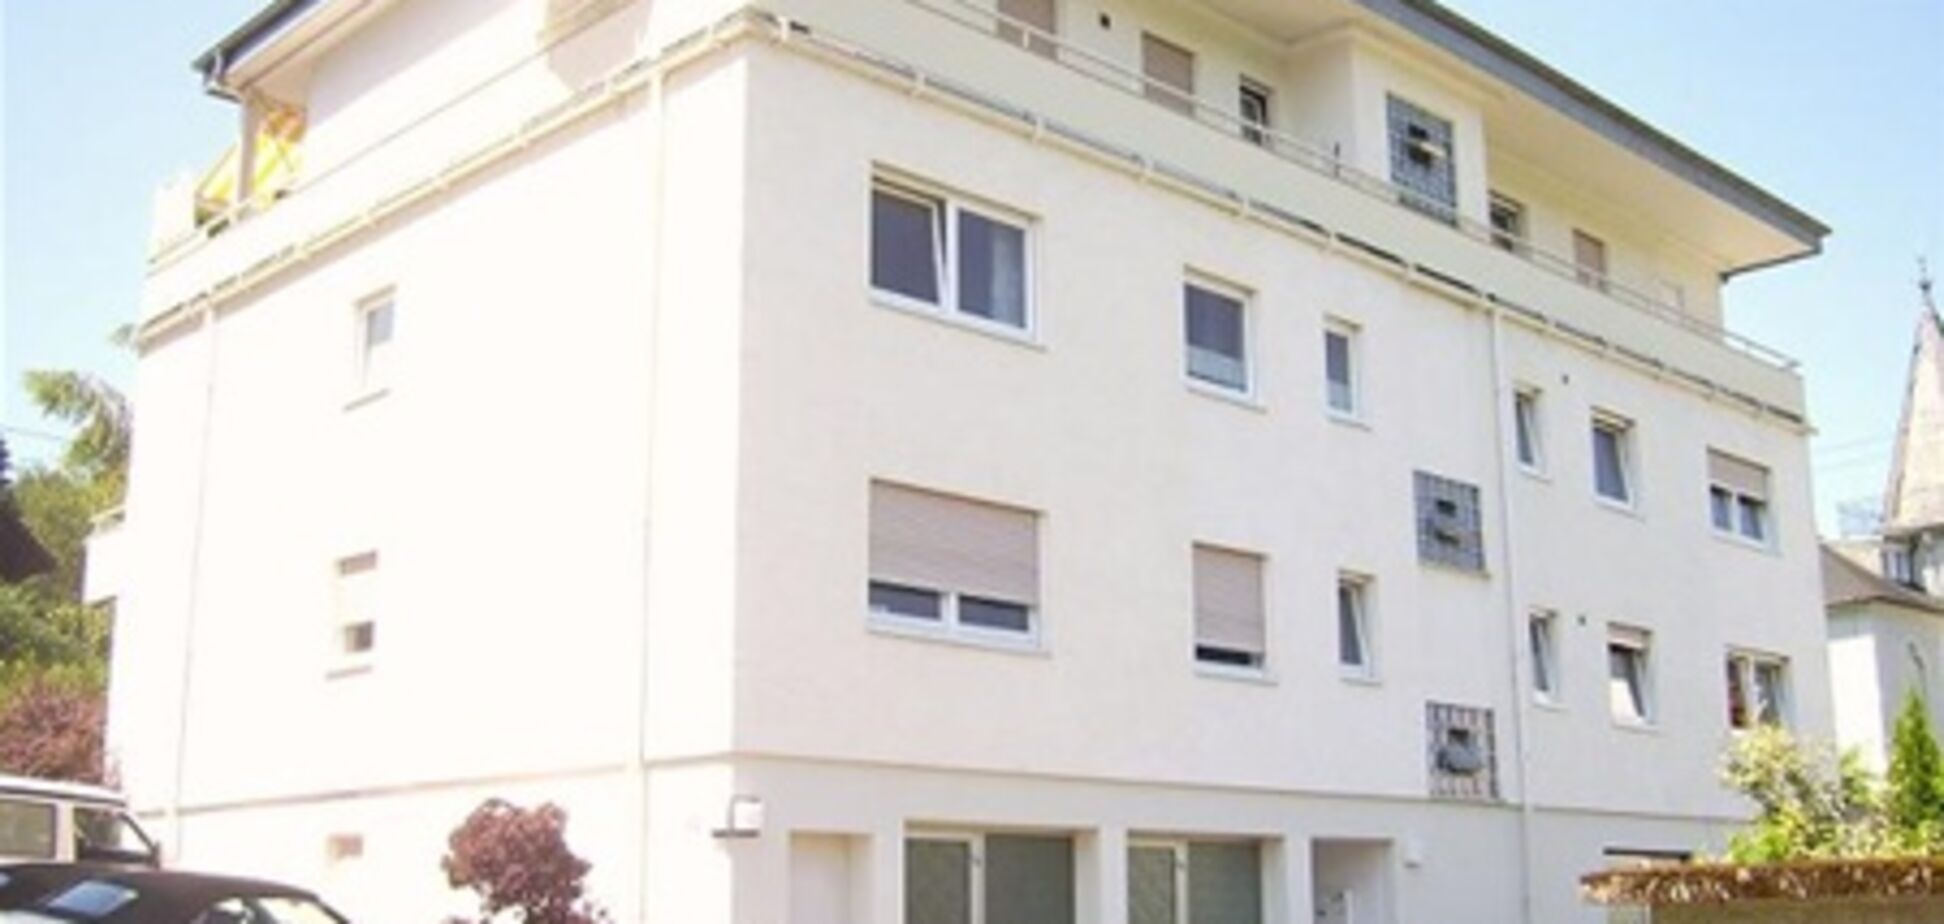 Українські можновладці скуповують житло в Баден-Бадені